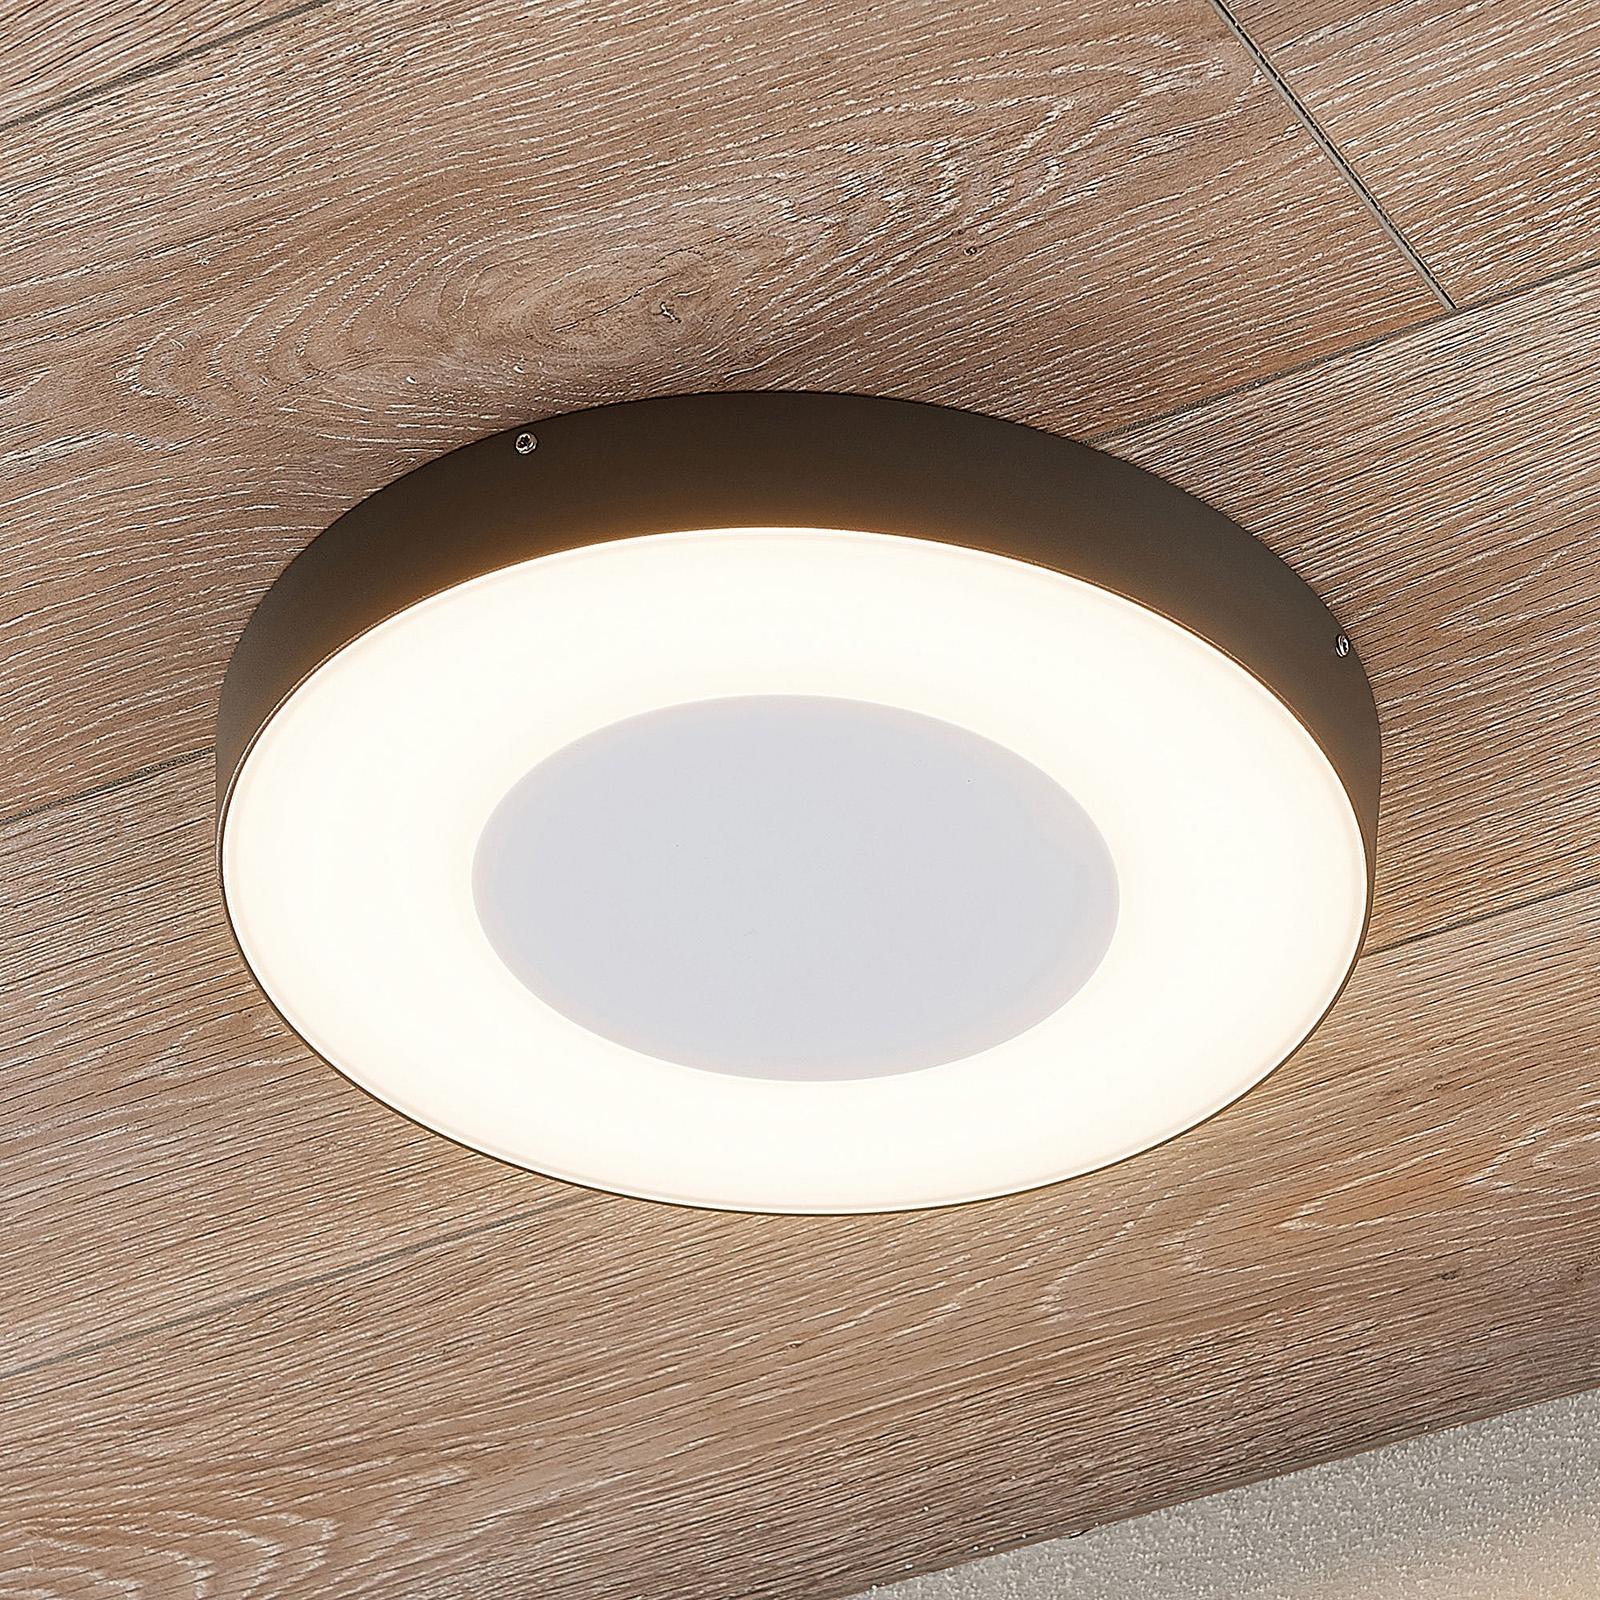 Lampa sufitowa LED Sora, okrągła, czujnik